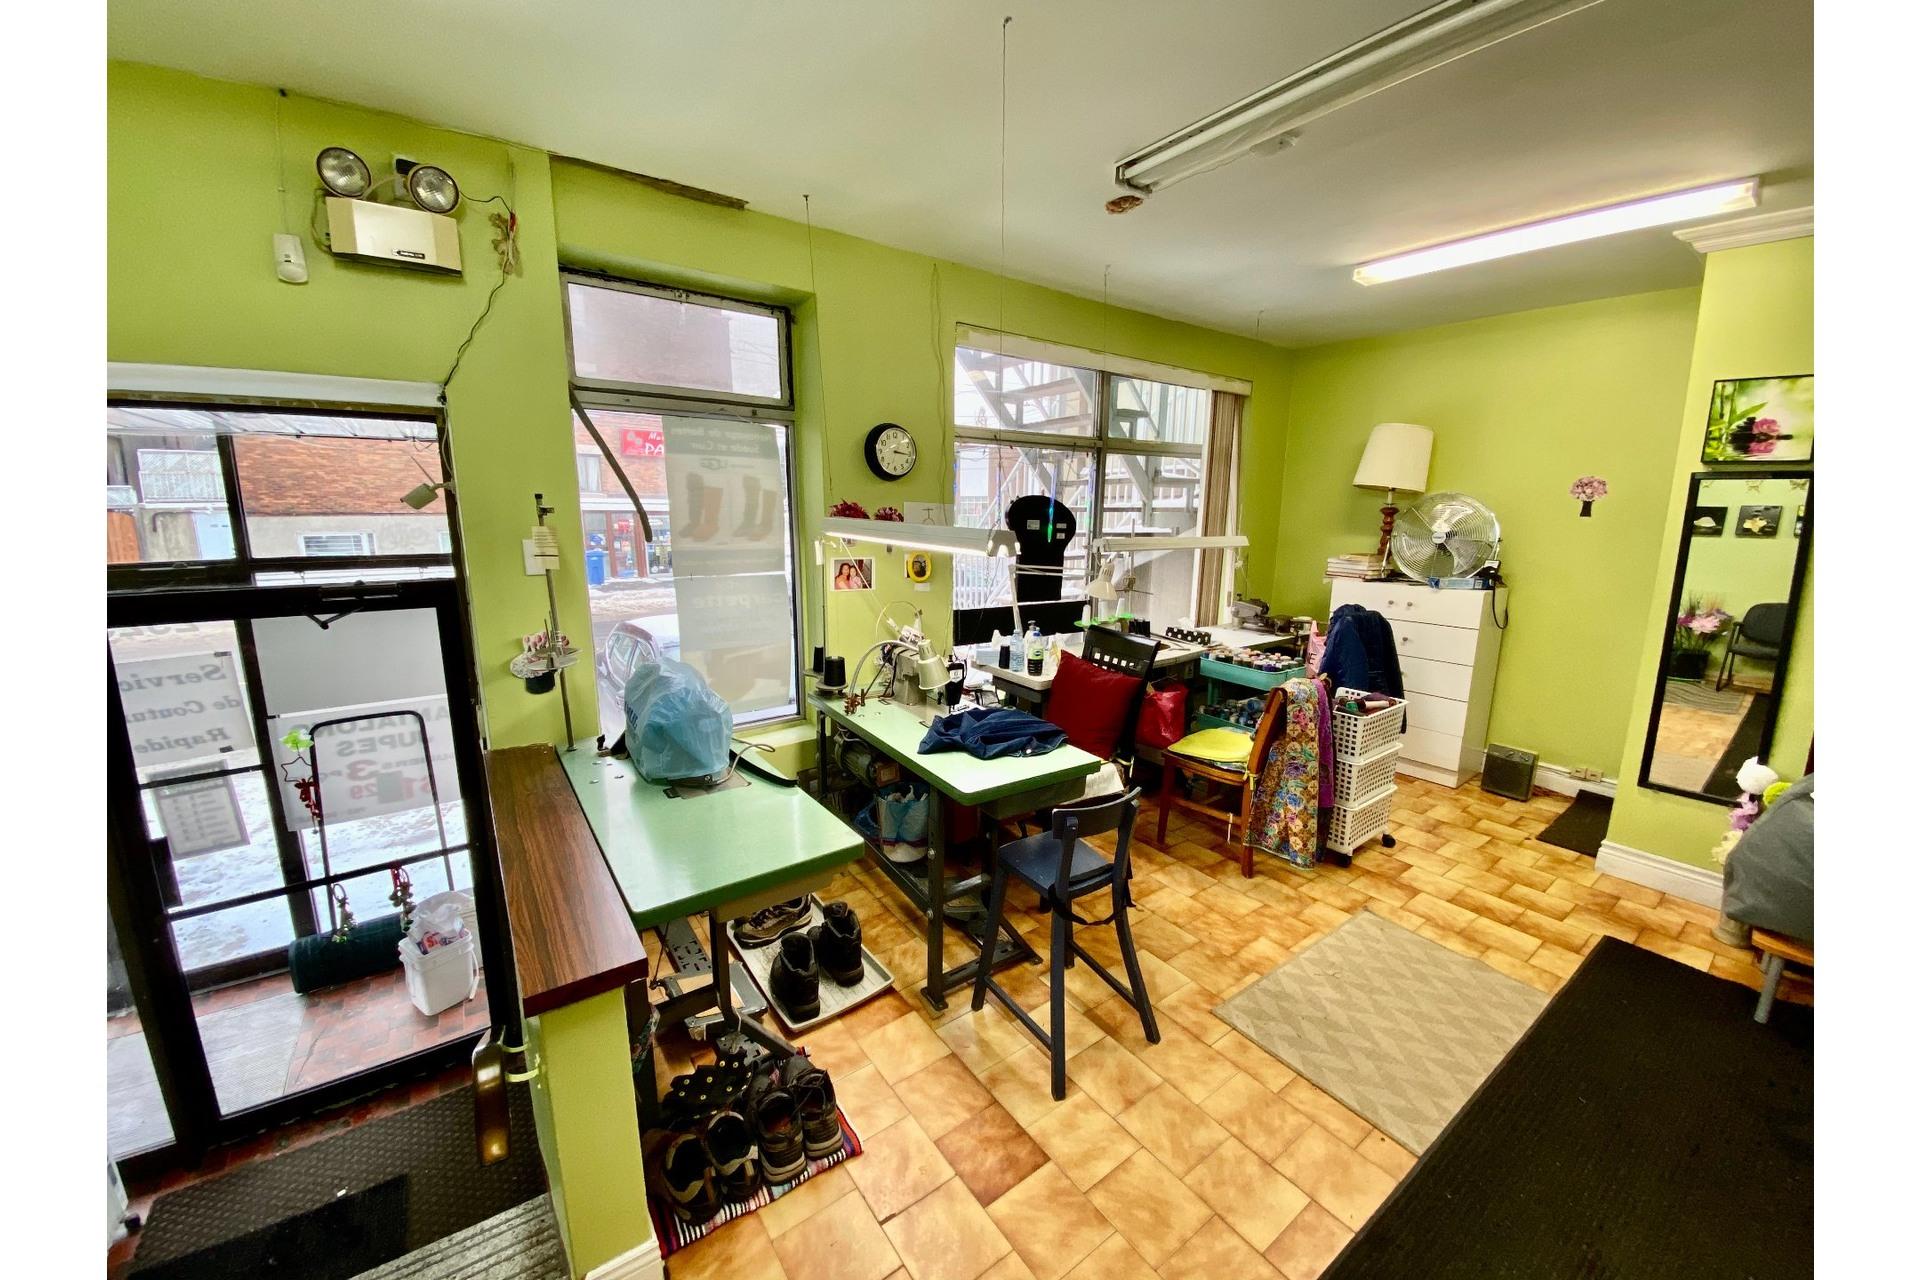 image 2 - Quadruplex En venta Lachine Montréal  - 5 habitaciones